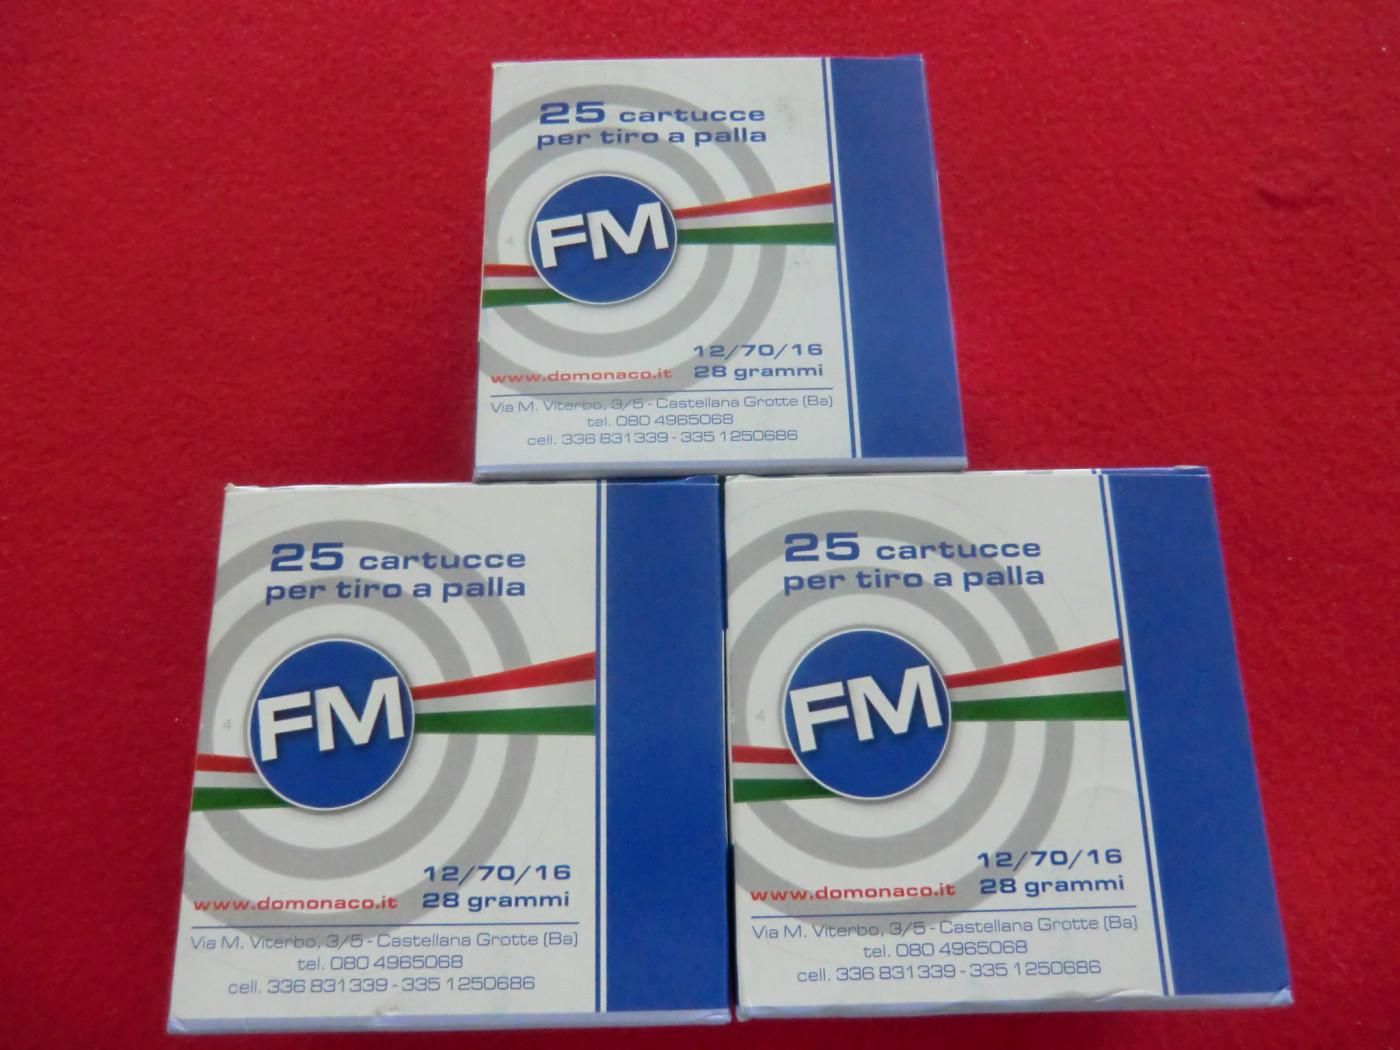 cartuccia FM calibro 12 TIRO A PALLA